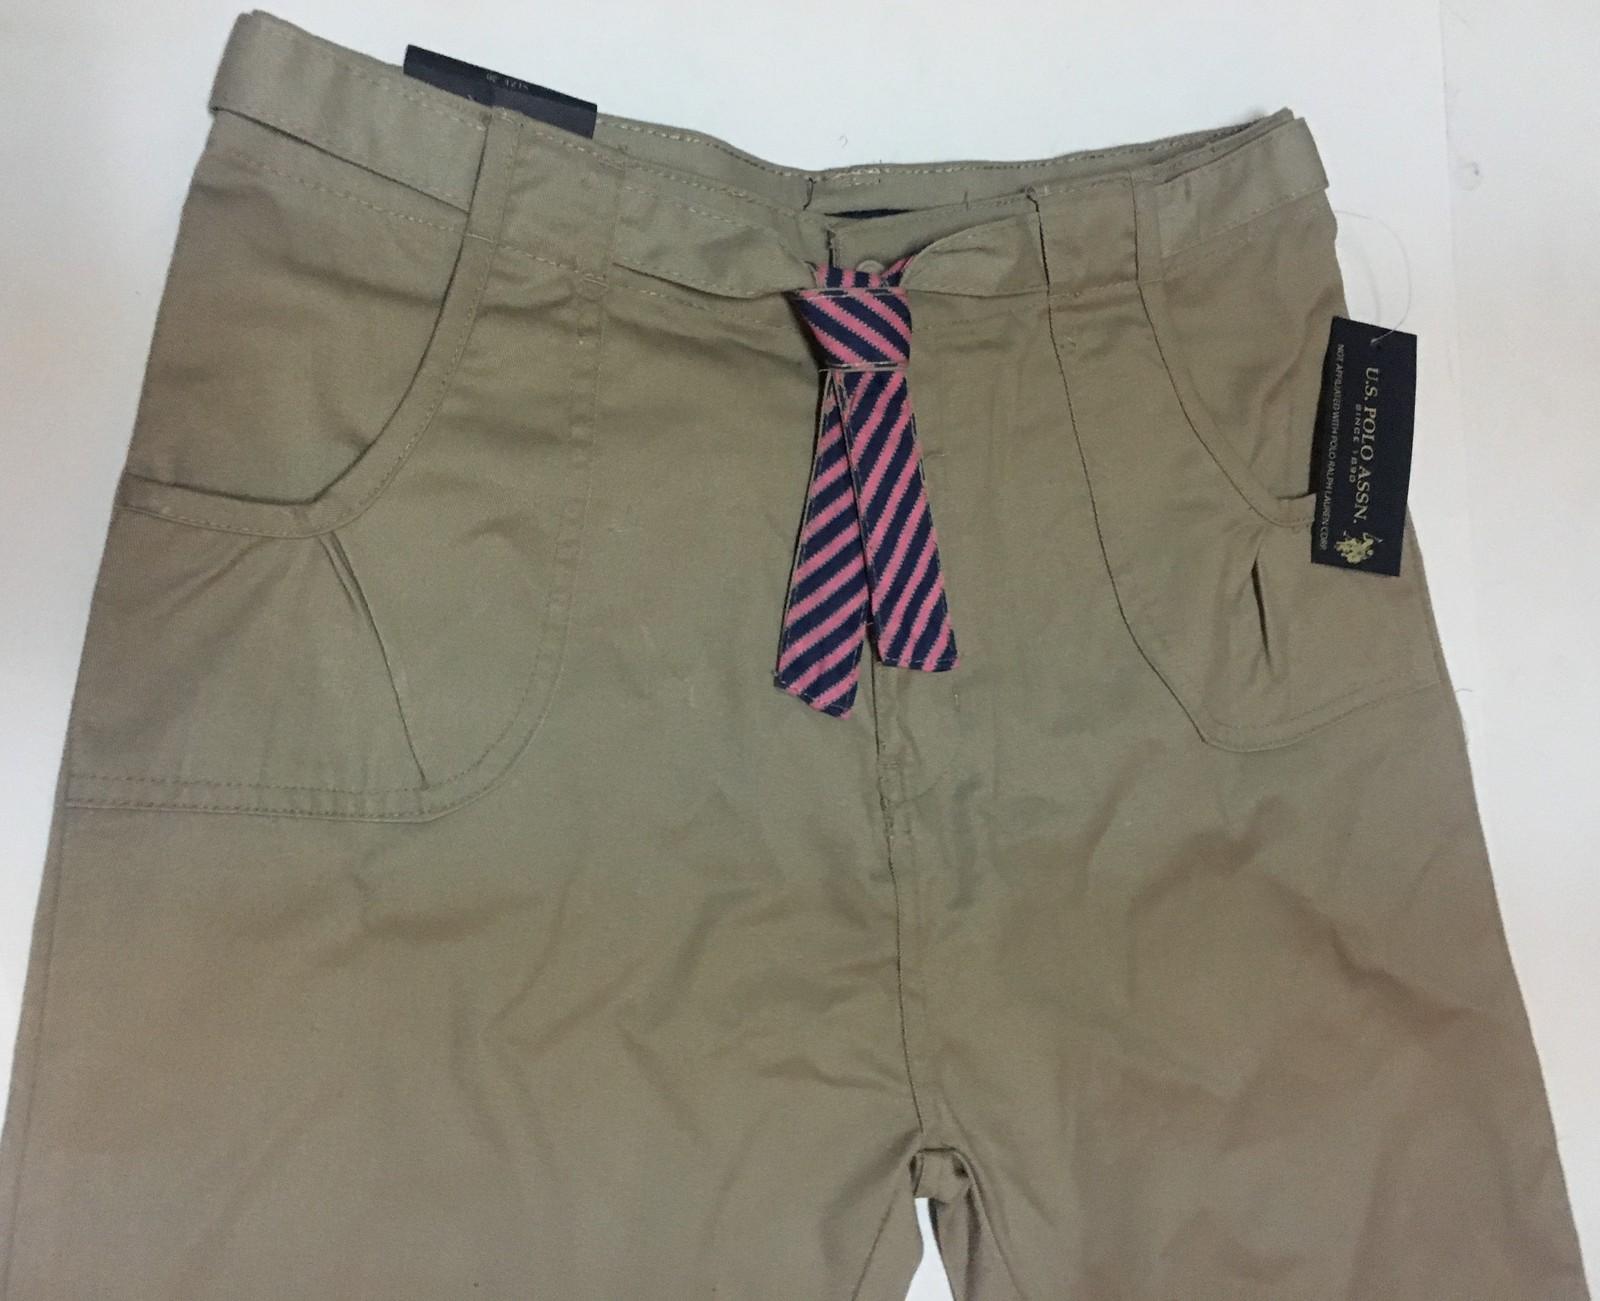 Youth Sz 20 Girl's Khaki Shorts Pink Stripe Tie U.S. Polo